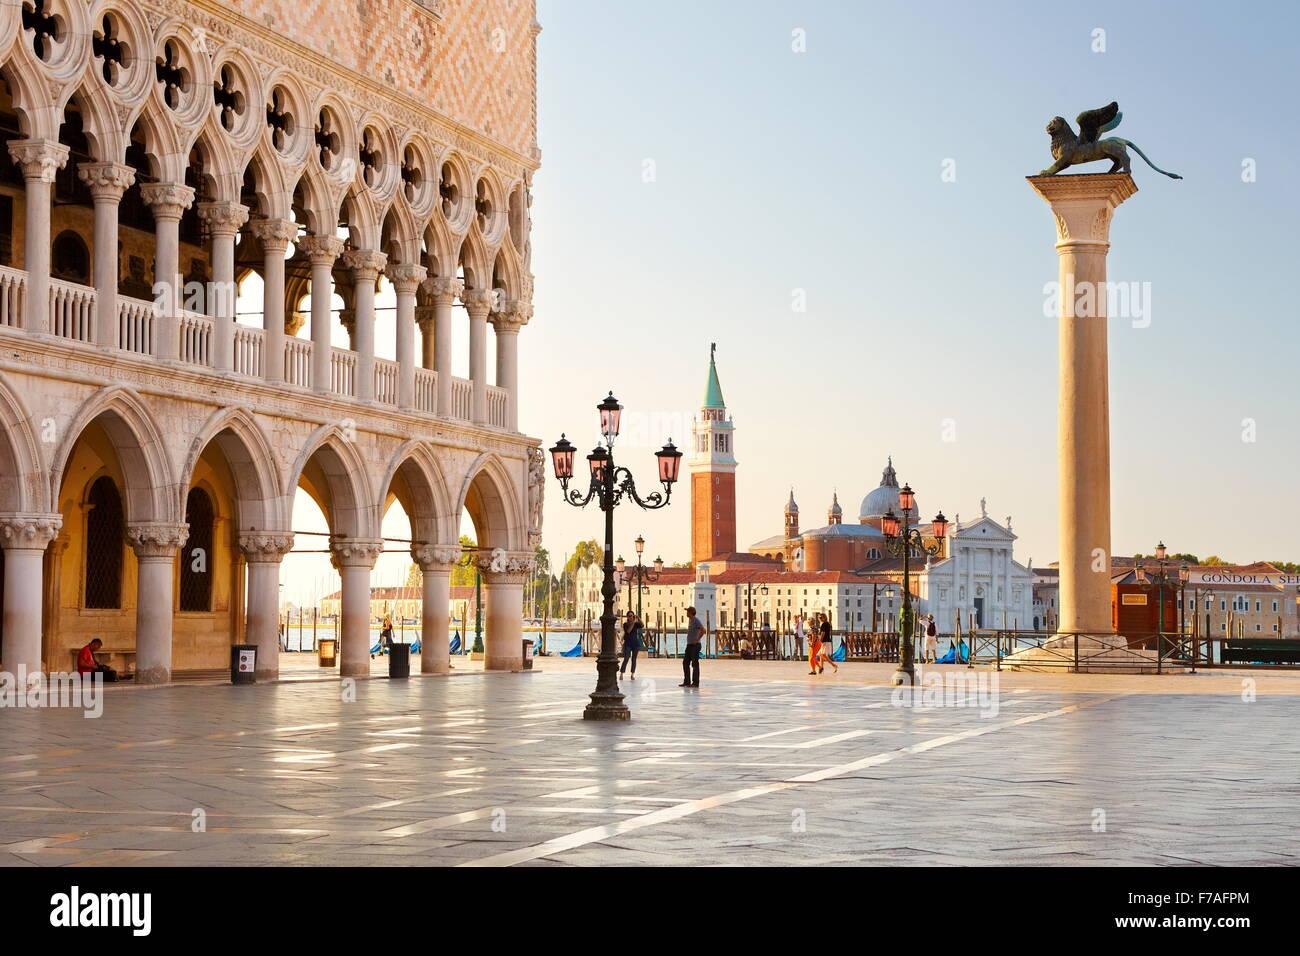 La Place Saint Marc et l'église San Giorgio Maggiore, à Venise, UNESCO World Heritage Site, Veneto, Italie Banque D'Images